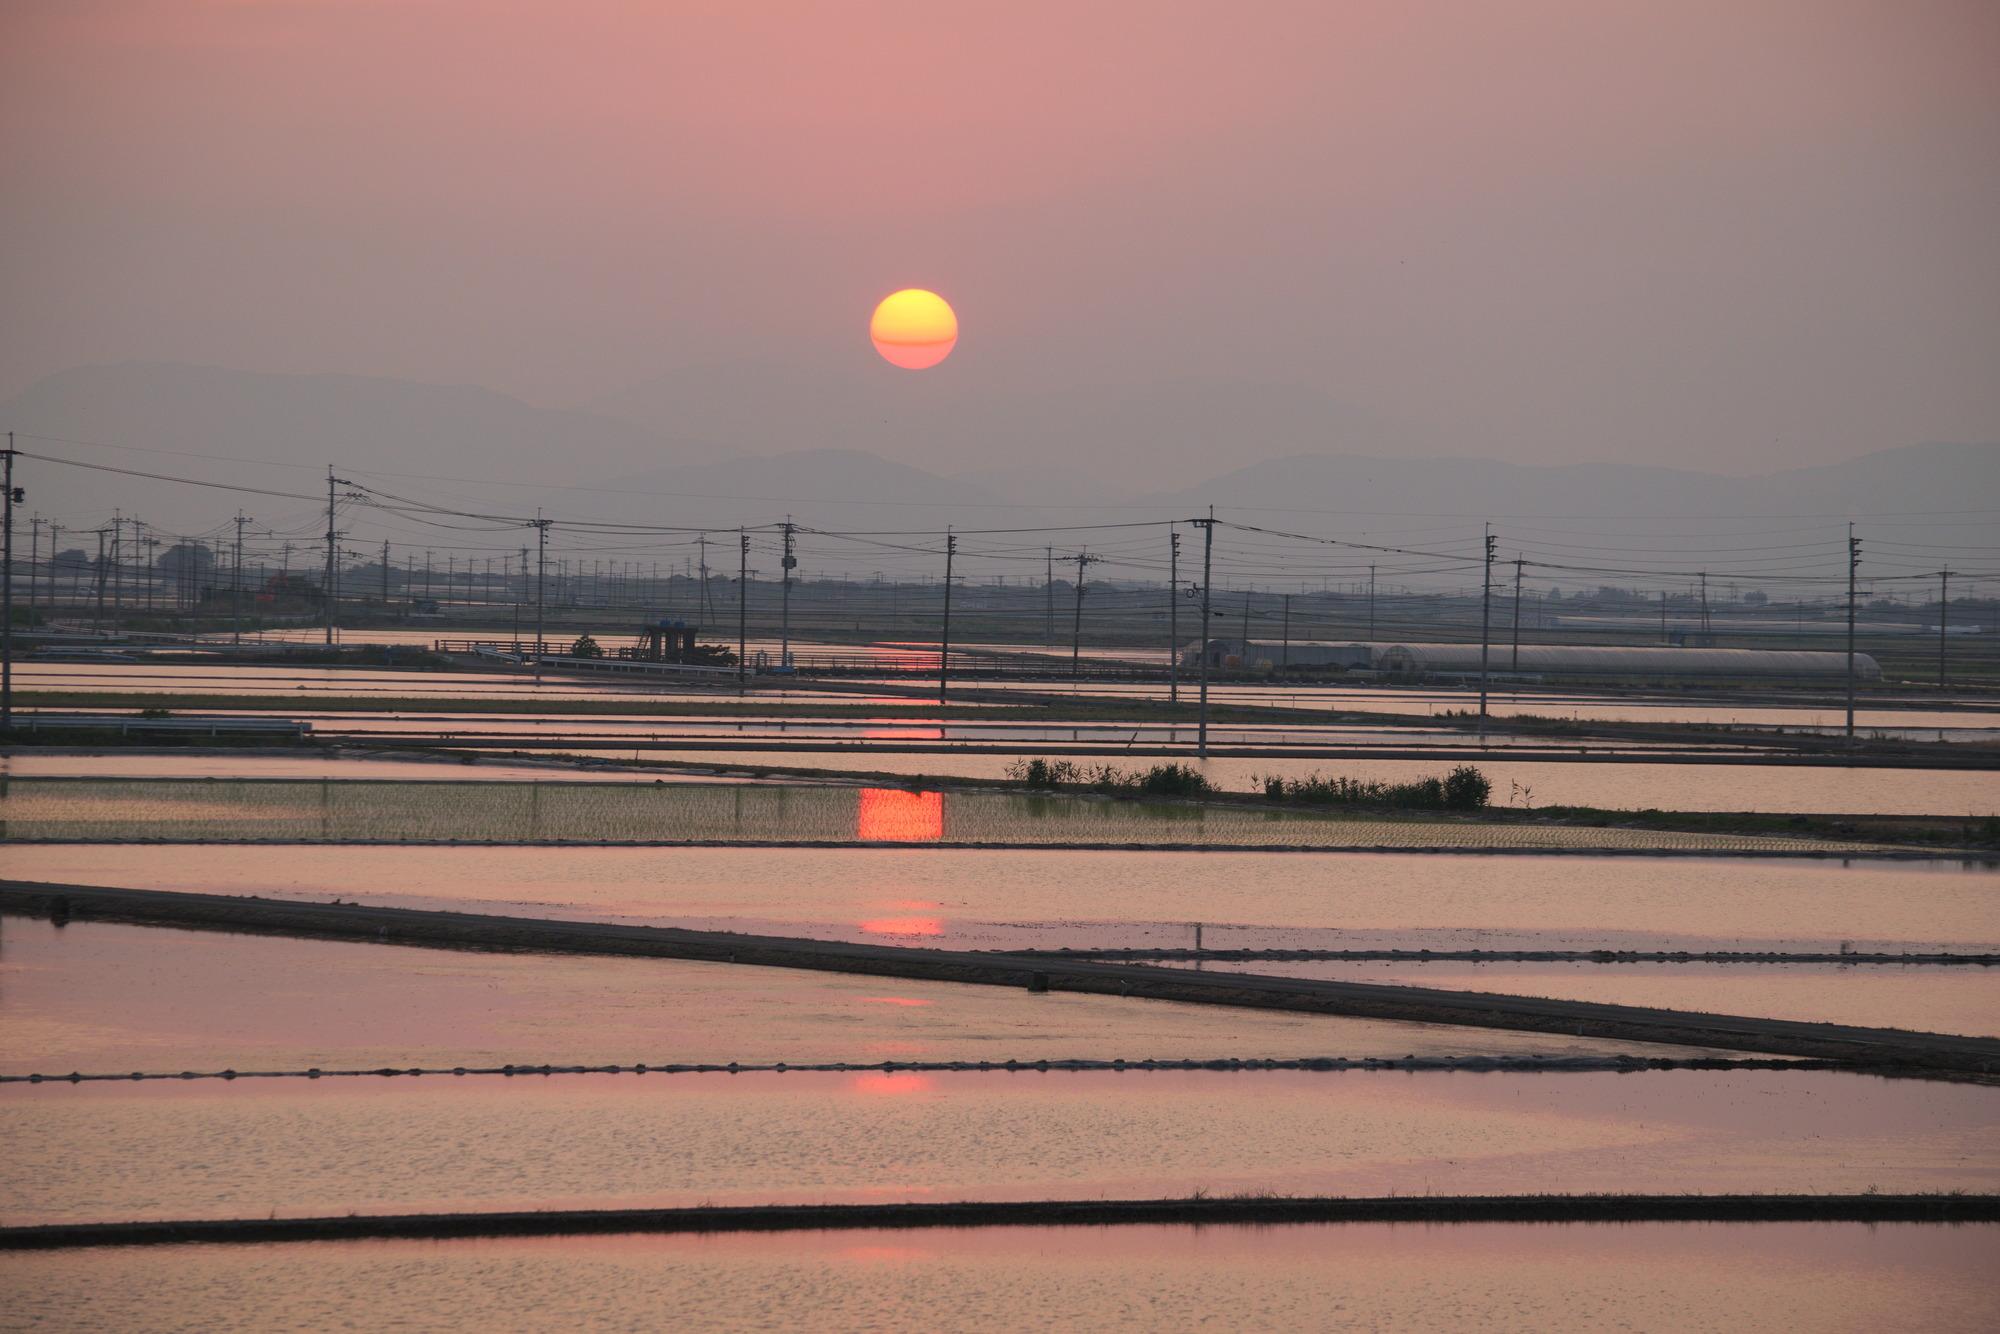 夕暮れ時の田